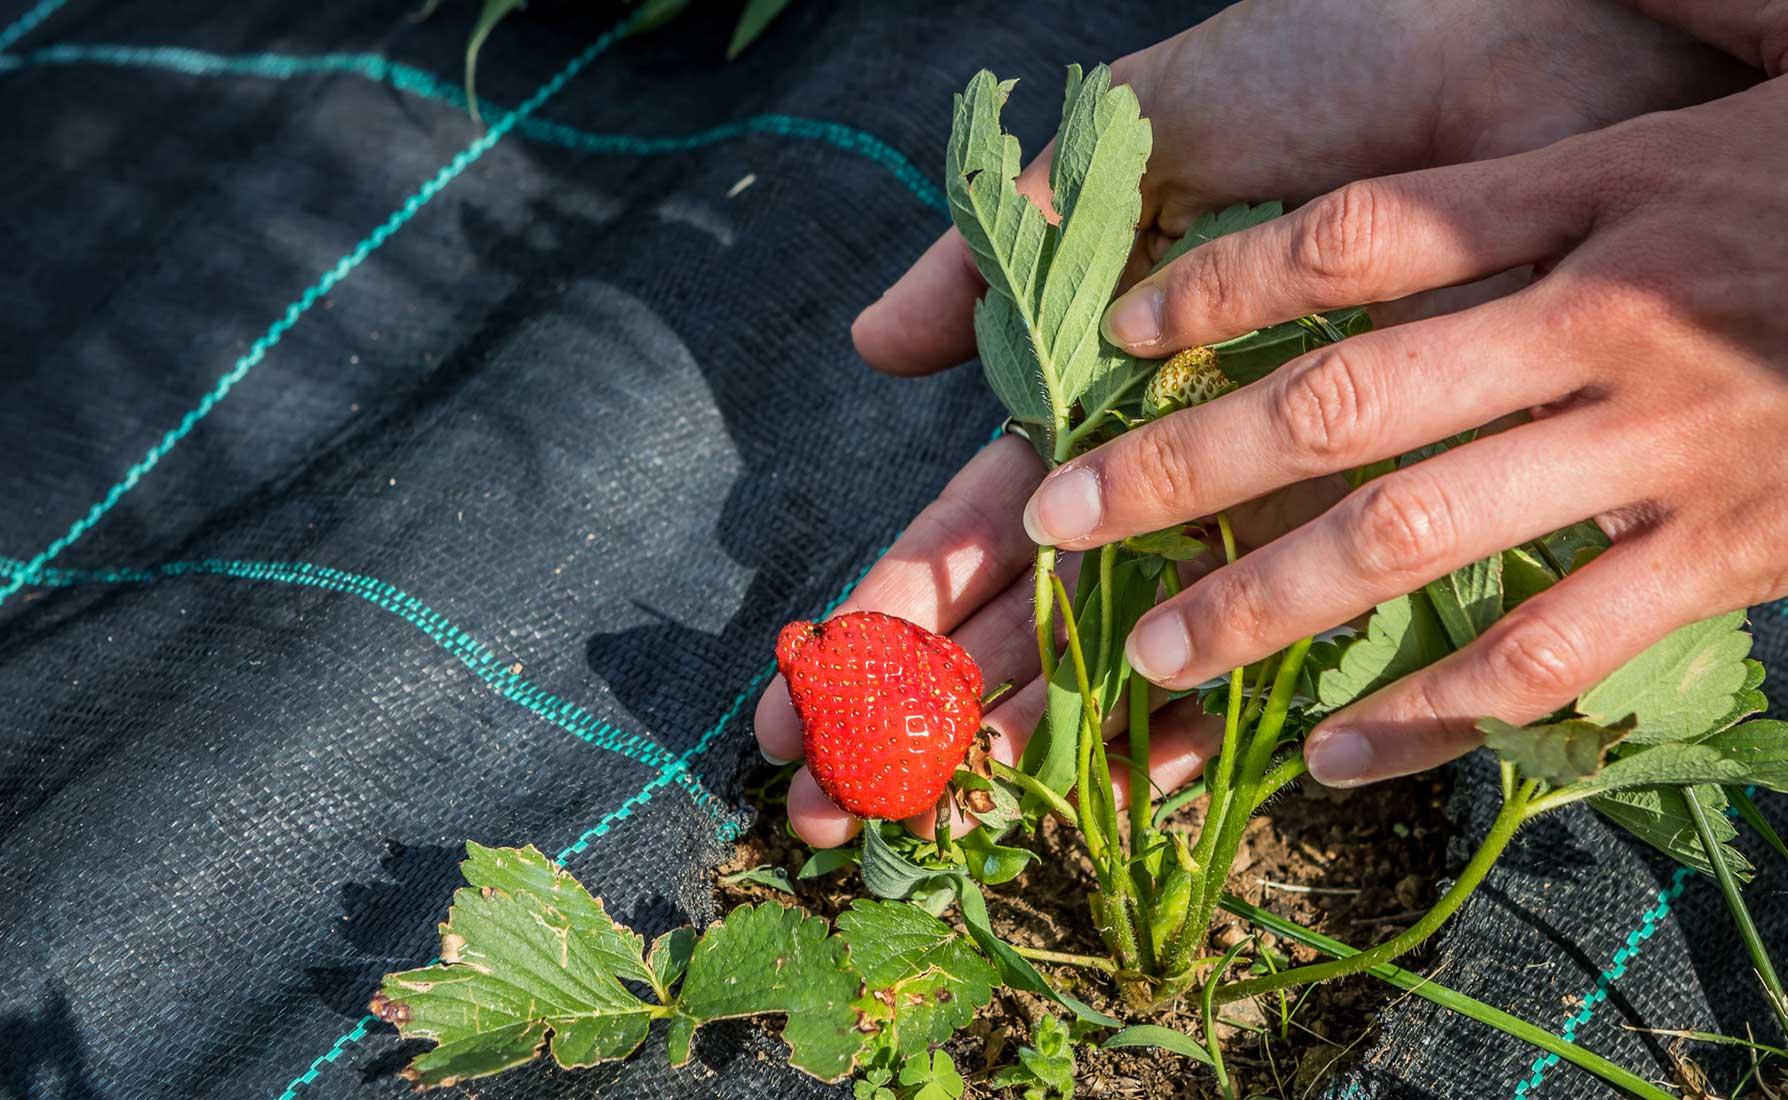 Spuntano le prime fragole! - Coltivazione La Coccinella in Frazione Deles a Fontainemore